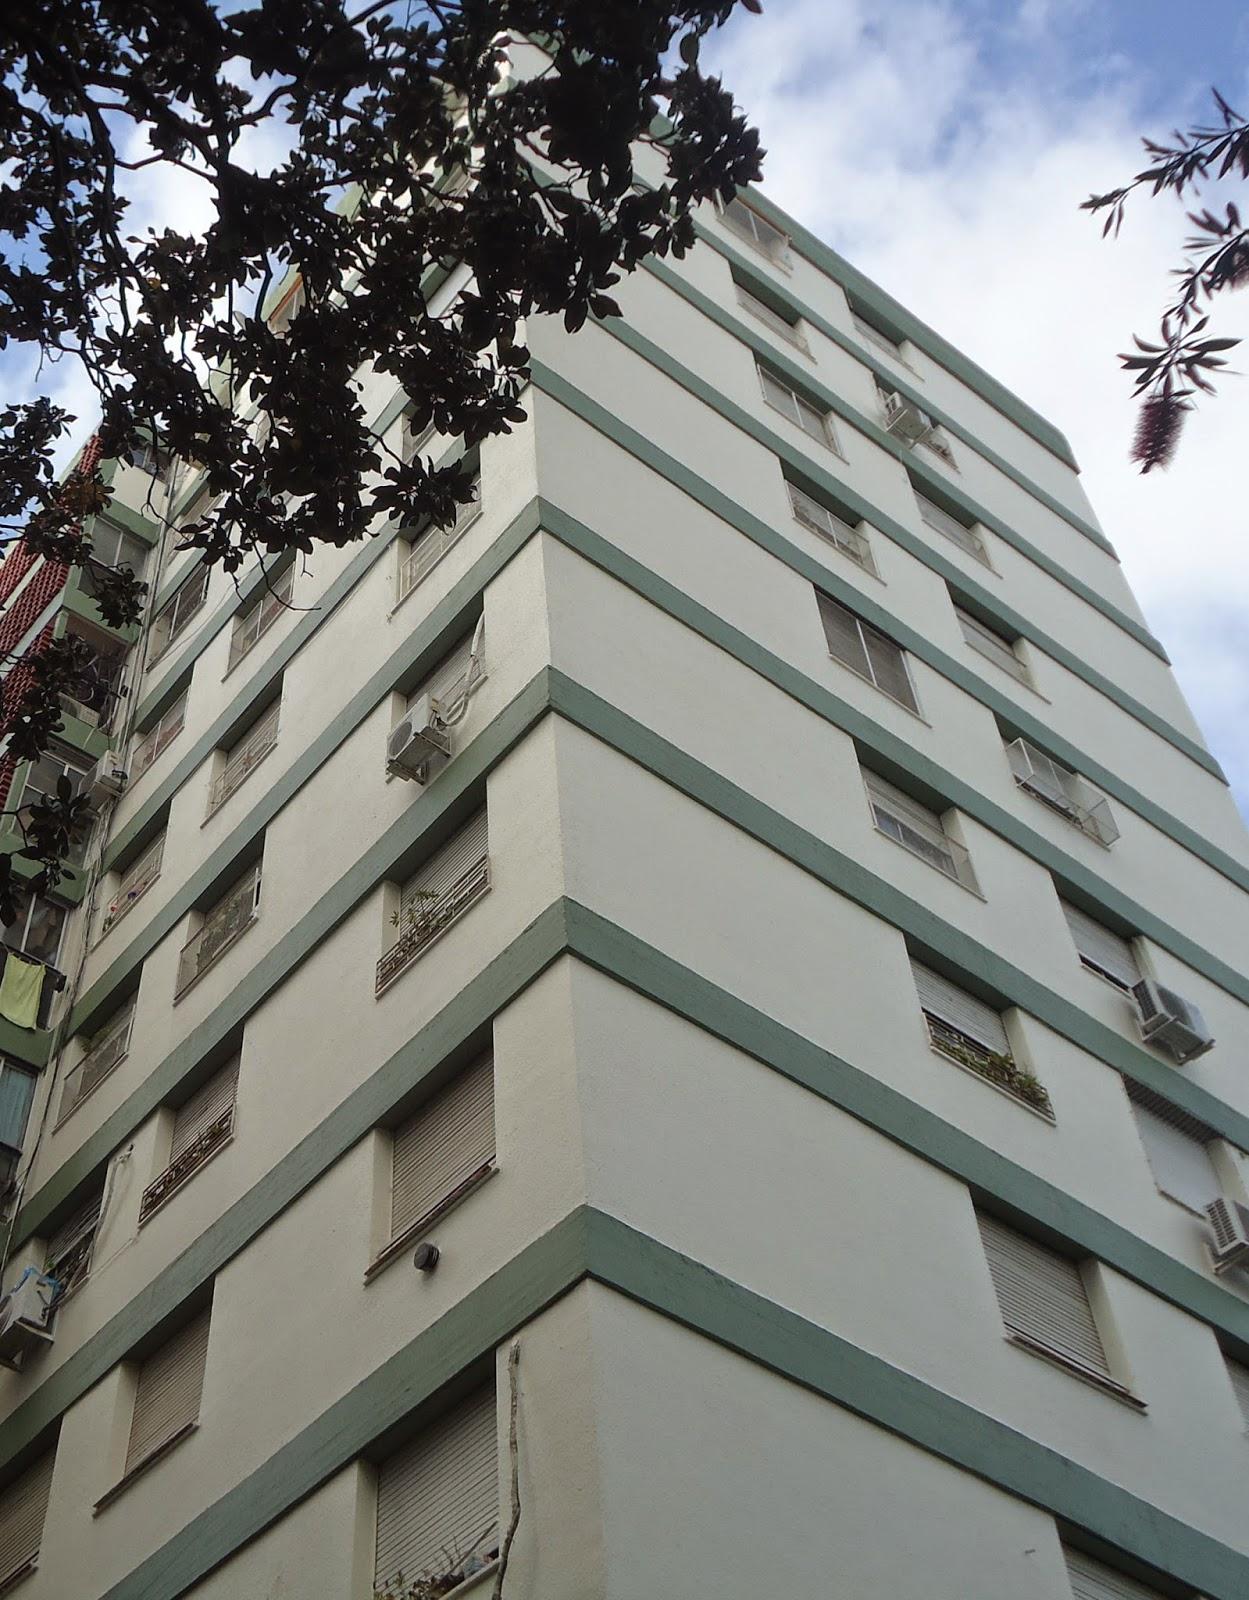 Impermeabilizacion en altura para edificios y consorcios.